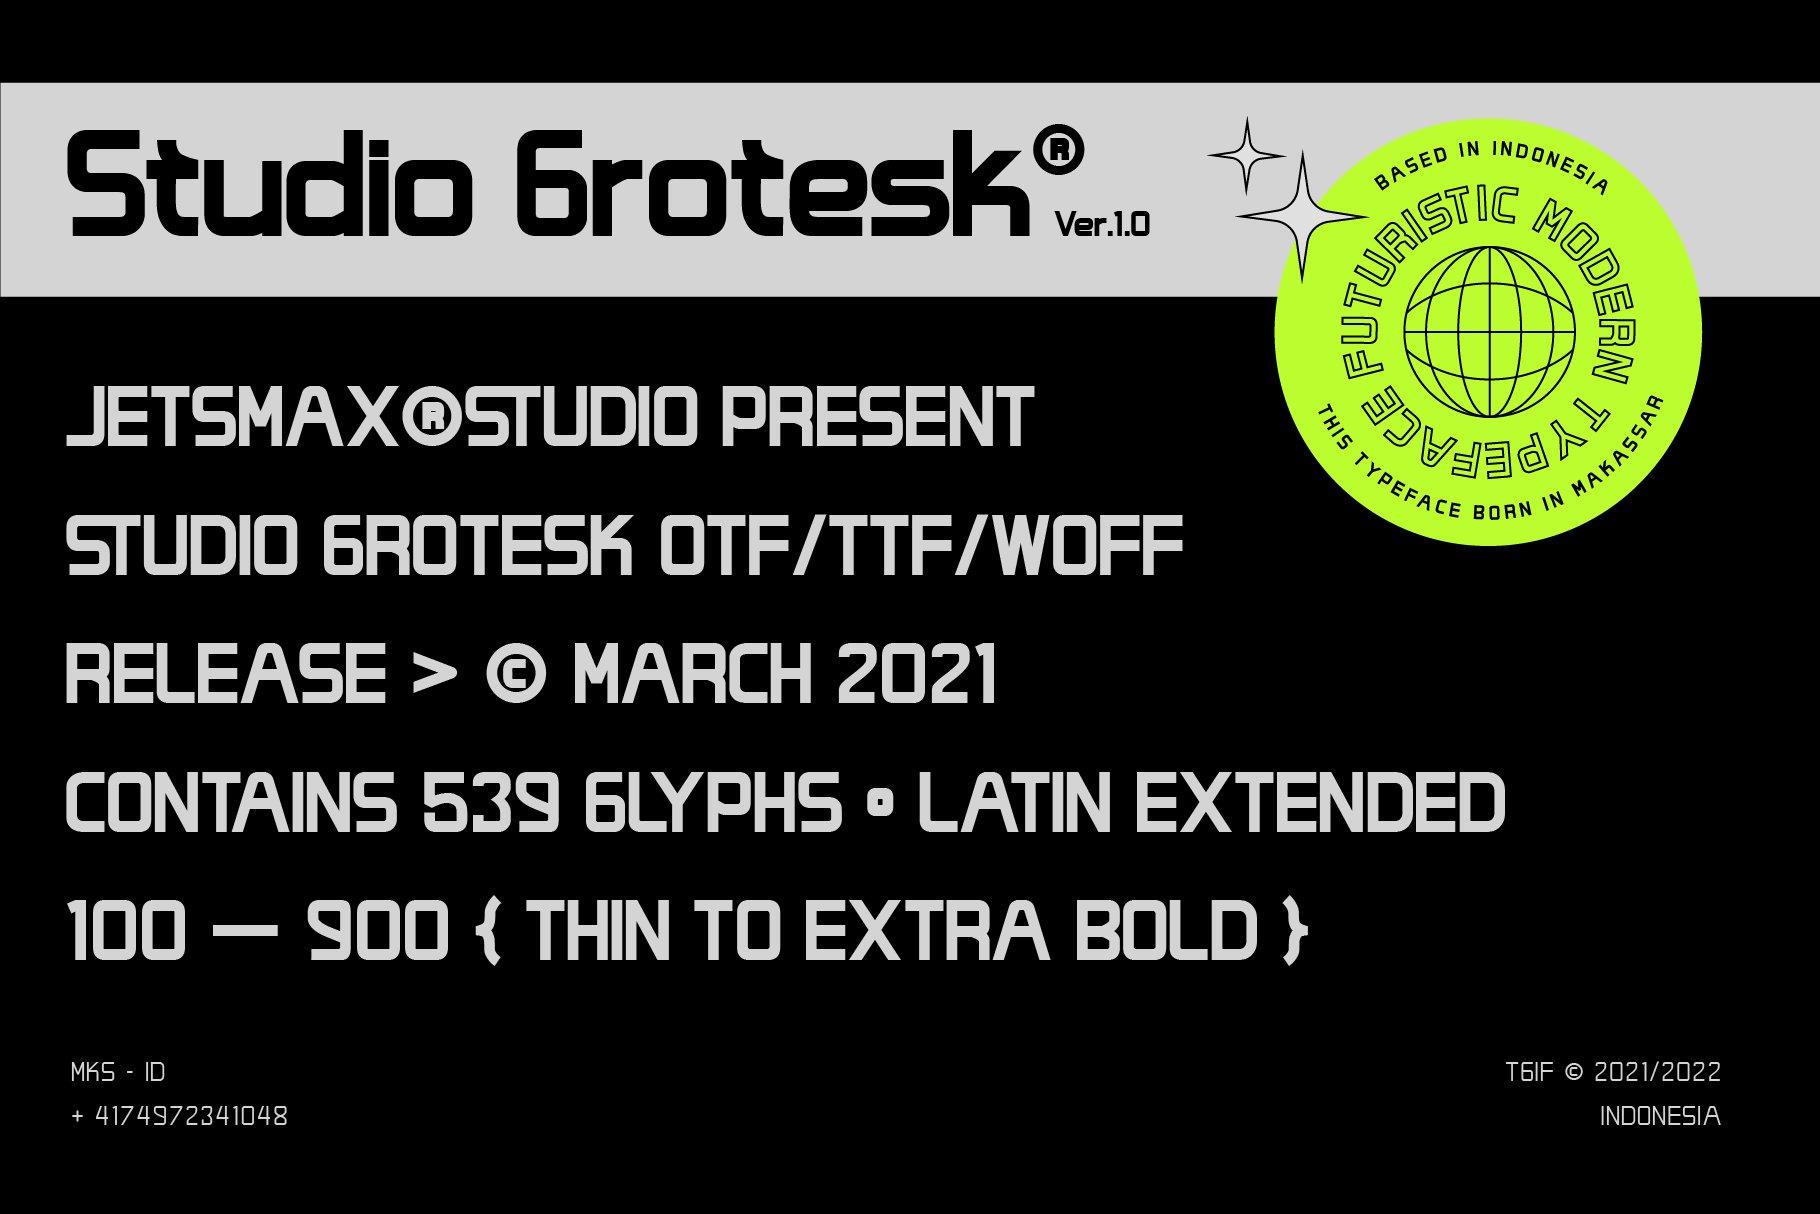 [单独购买] 潮流未来科技酸性艺术海报标题品牌Logo设计无衬线英文字体素材 Studio Grotesk Font插图1